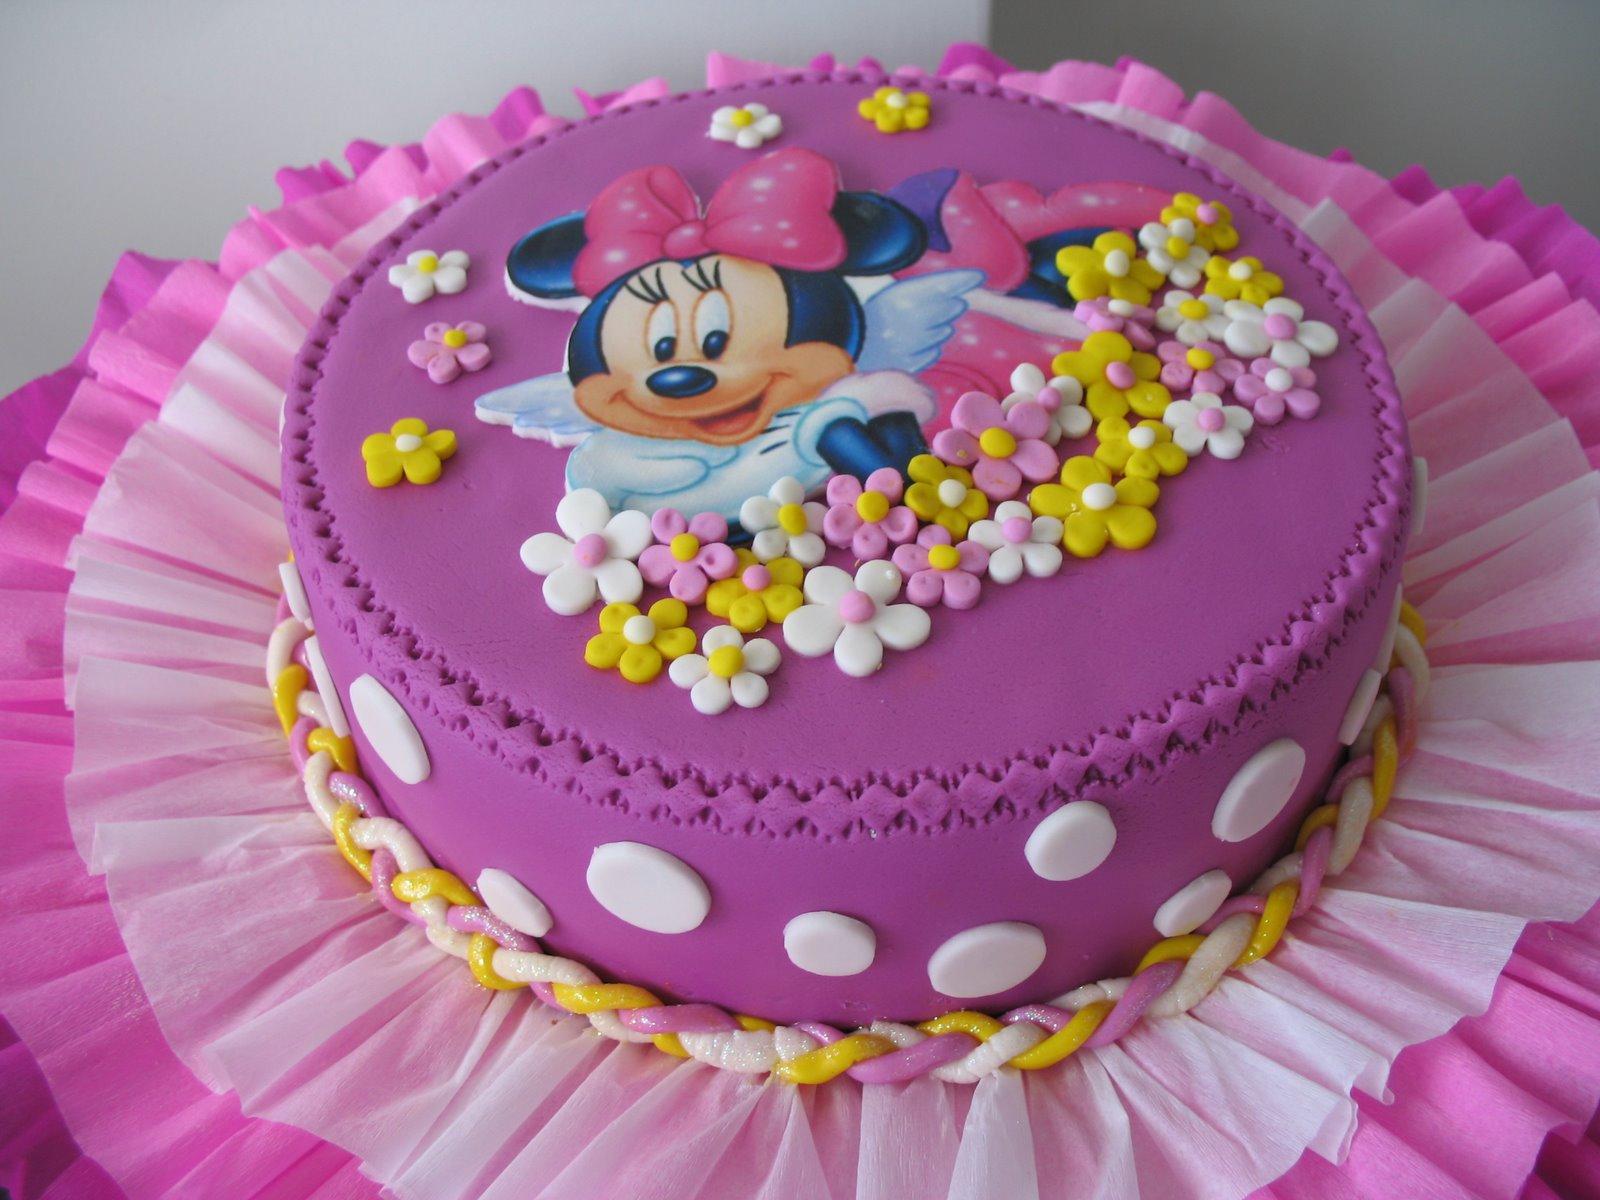 Delicias Caseras: Torta marmoleada de Minnie Mouse